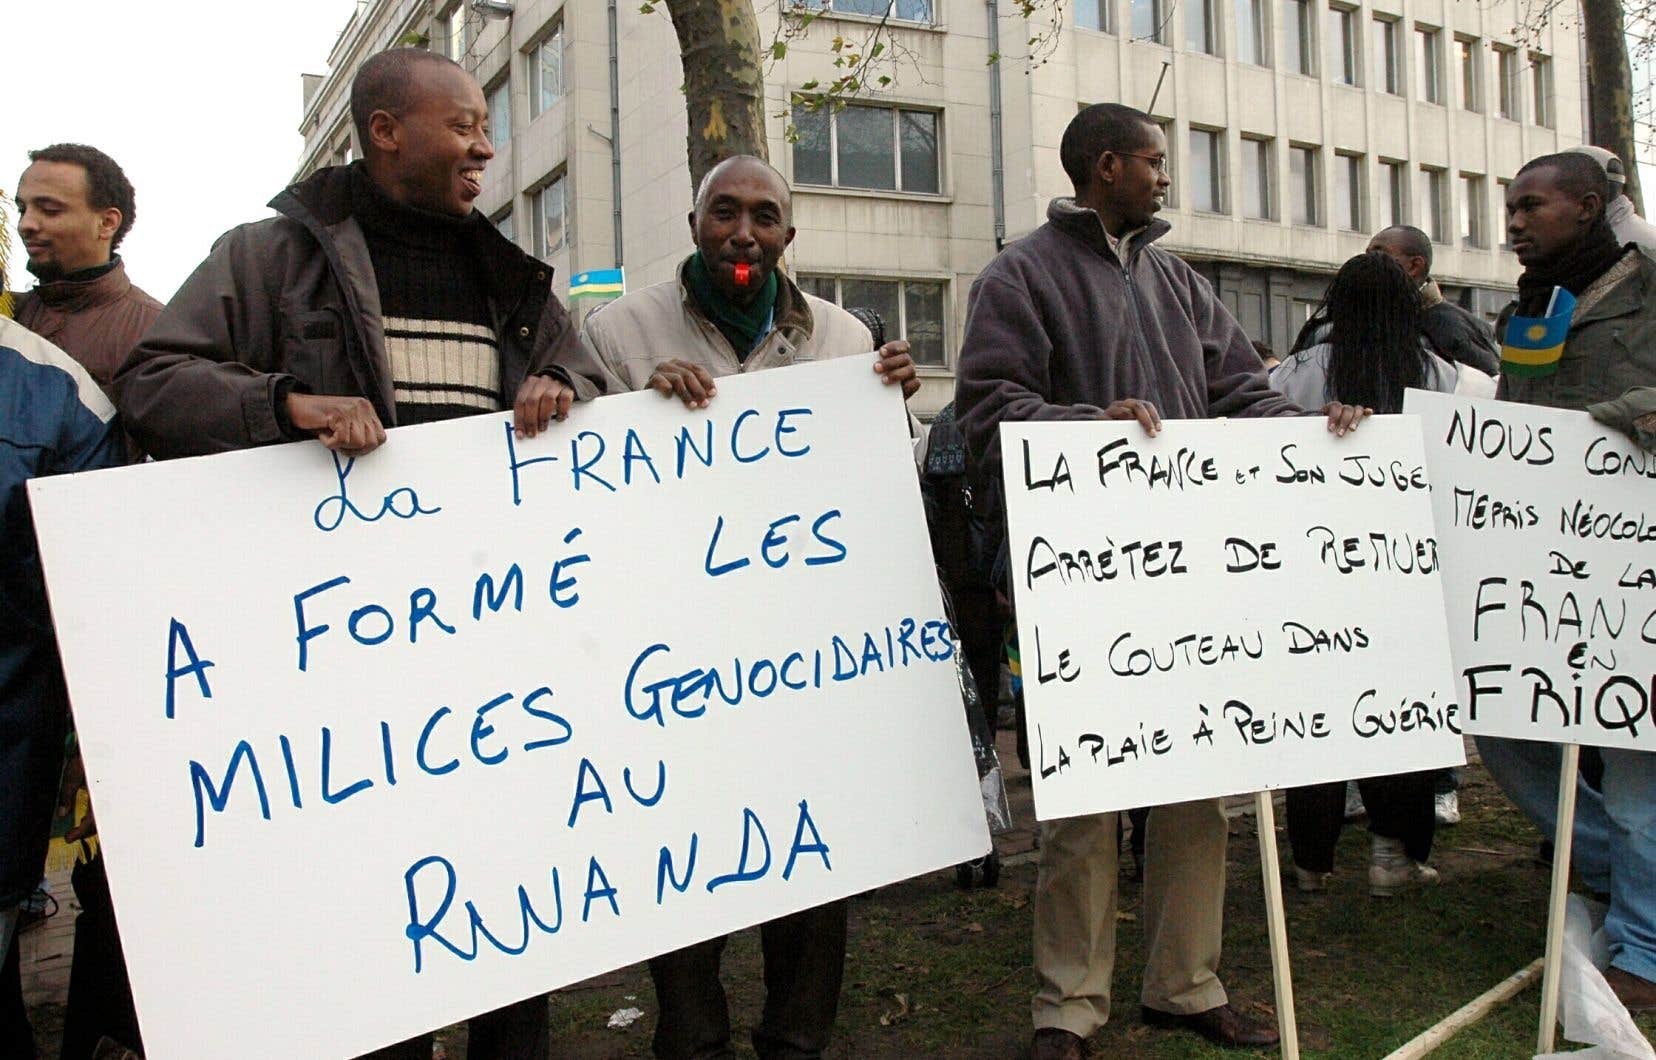 Depuis plus de 20 ans, le dossier empoisonne les relations entre Paris et Kigali, sur fond de débat sur les responsabilités françaises à l'époque du génocide rwandais.